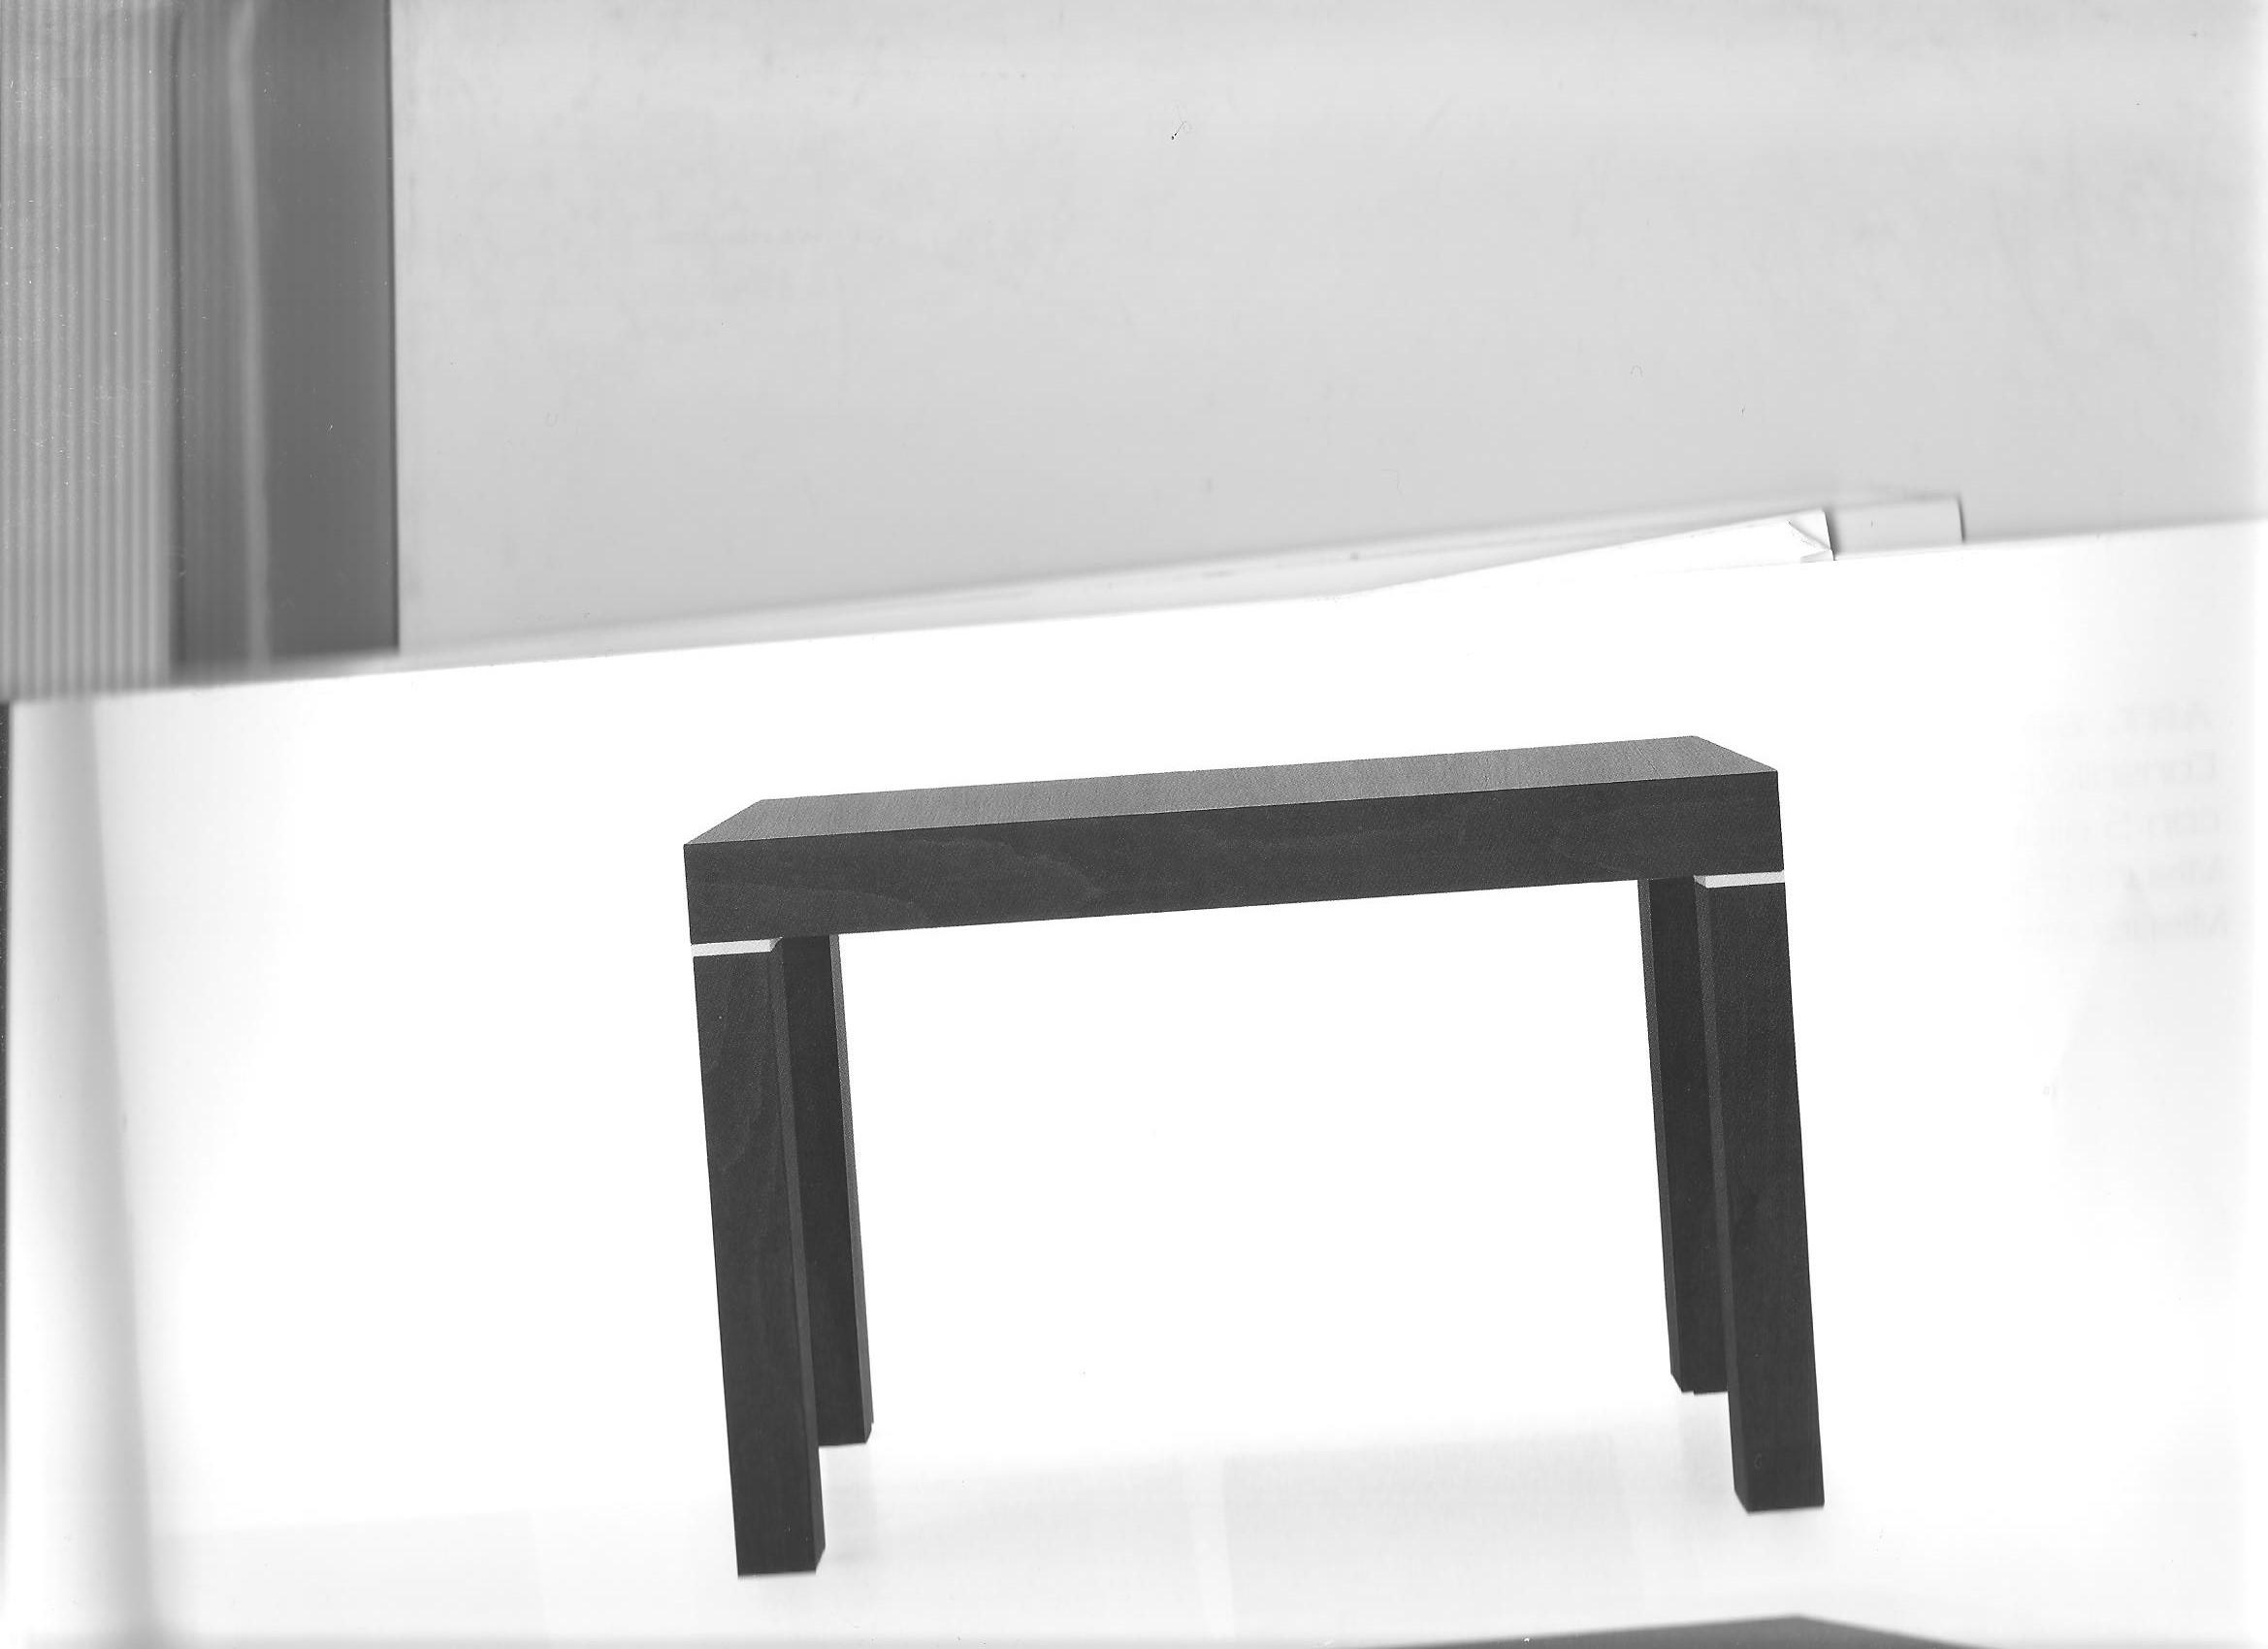 Mondo convenienza tavolo wood pino chiaro divani rotondi for Tavolo mondo convenienza wood